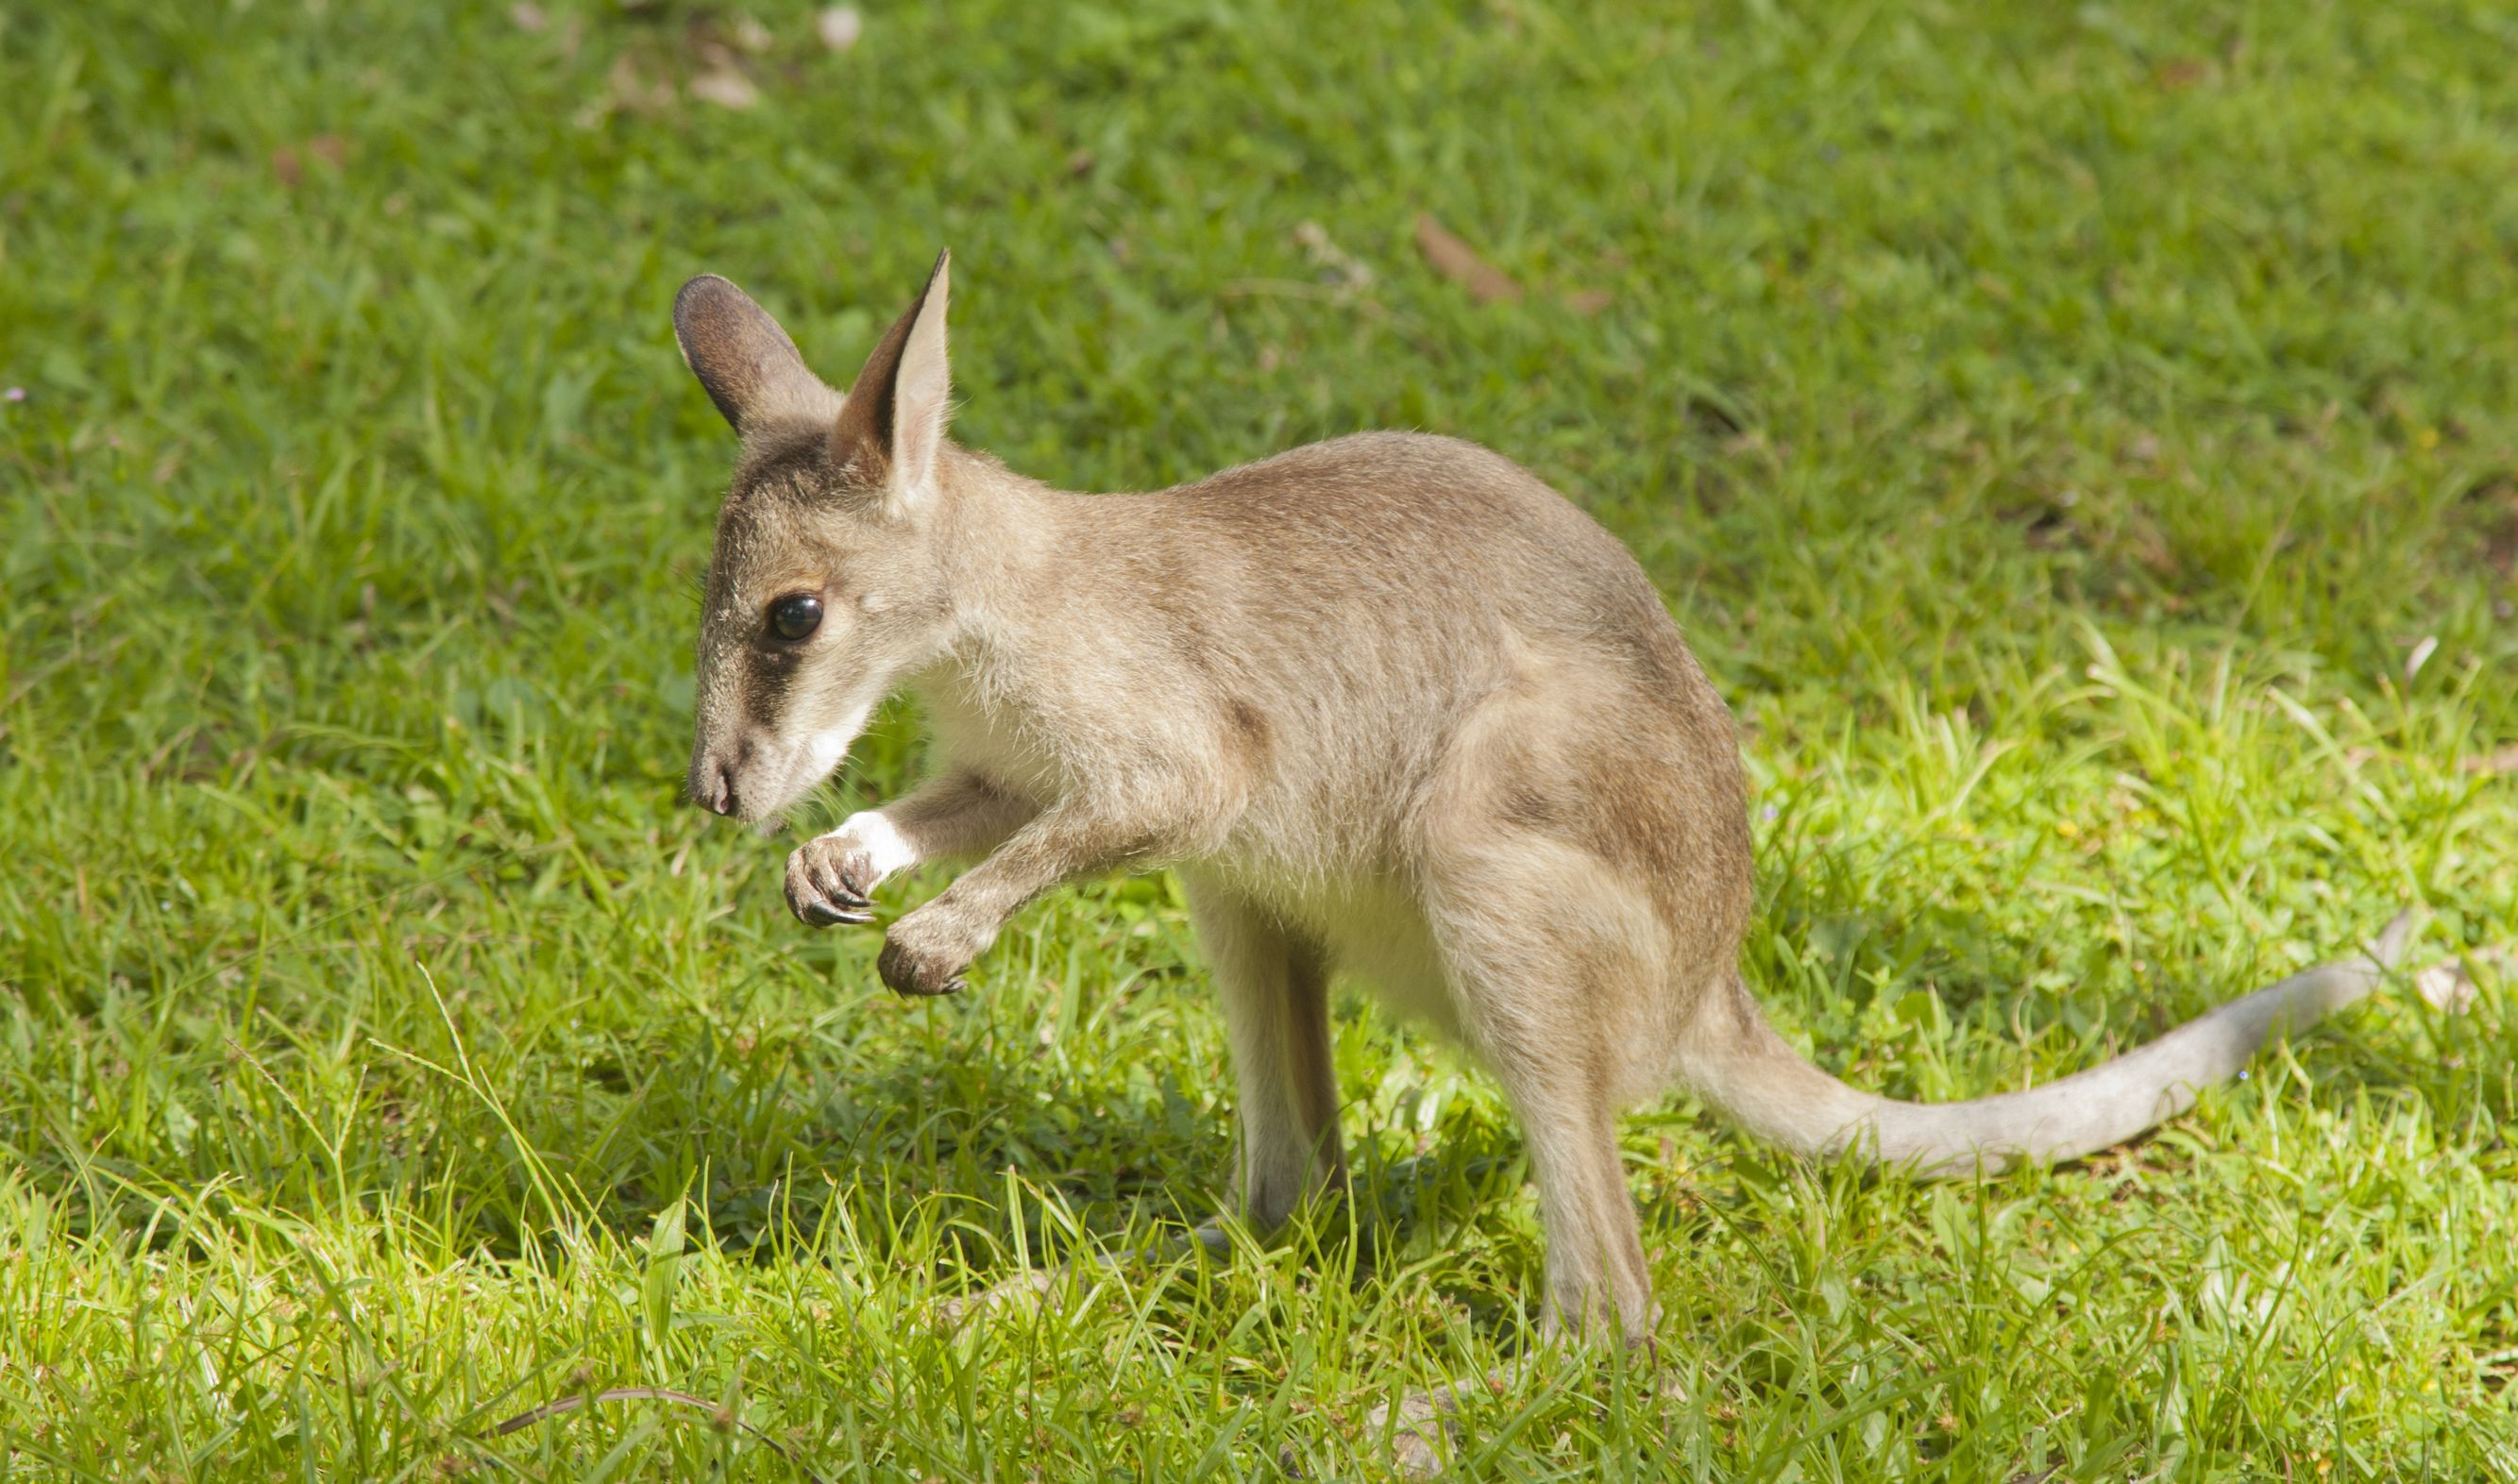 australia baby kangaroo 123rf